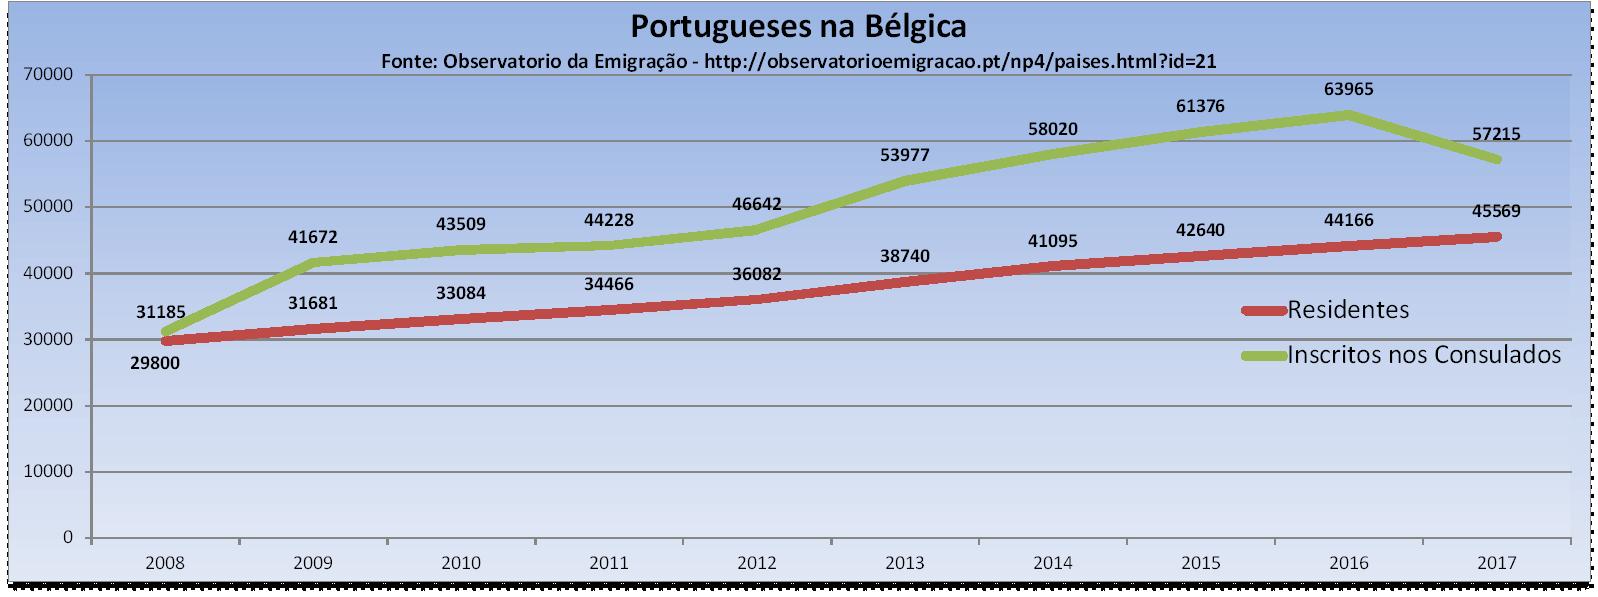 Portugueses na Bélgica